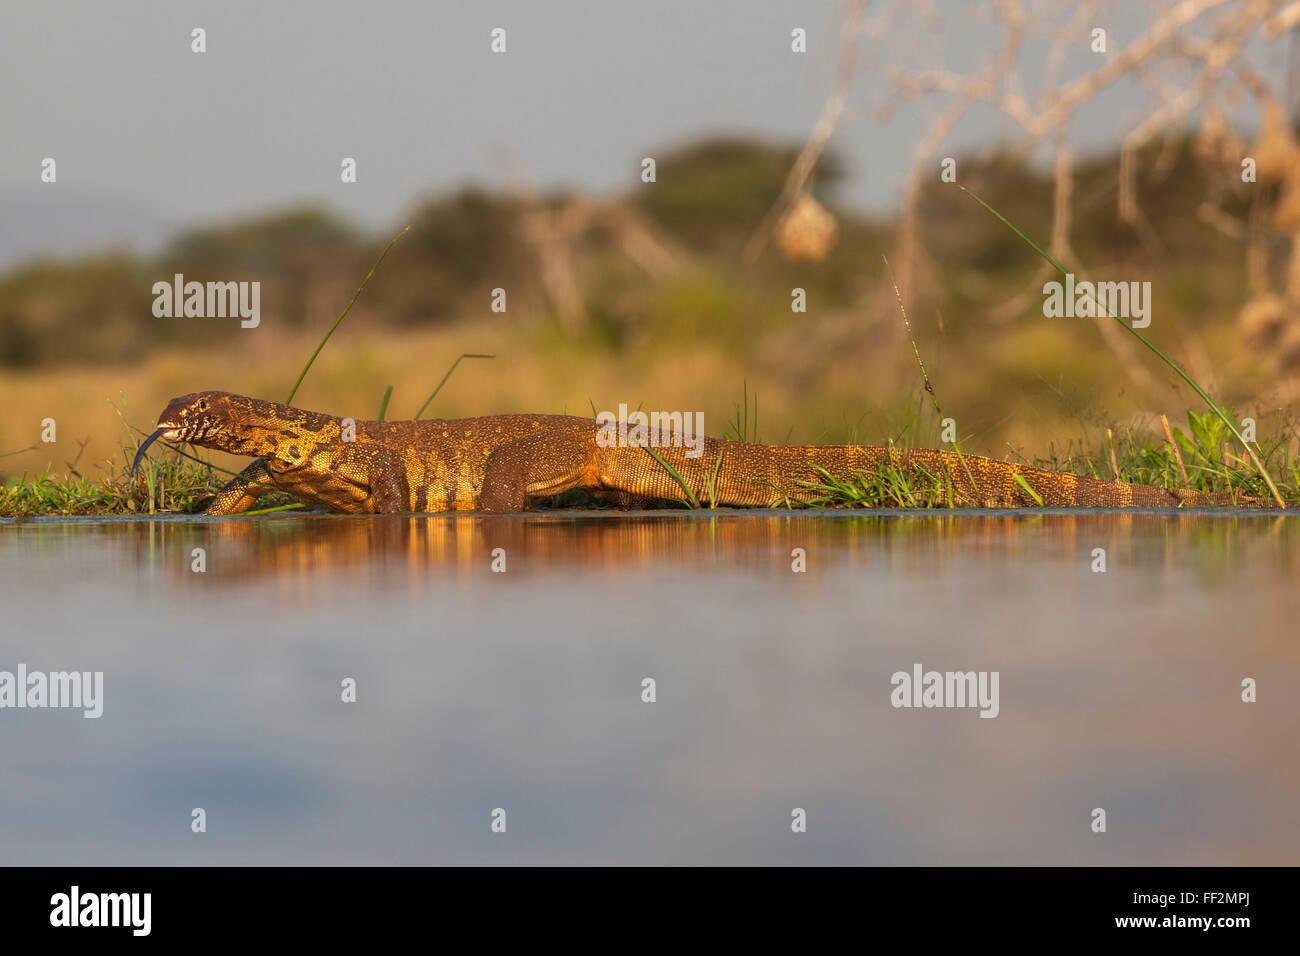 Moniteur de l'eau (RMeguaan niRMoticus) (Varanus), Zimanga KwaZuR réserve privée,Mu-NataRM, Afrique Photo Stock